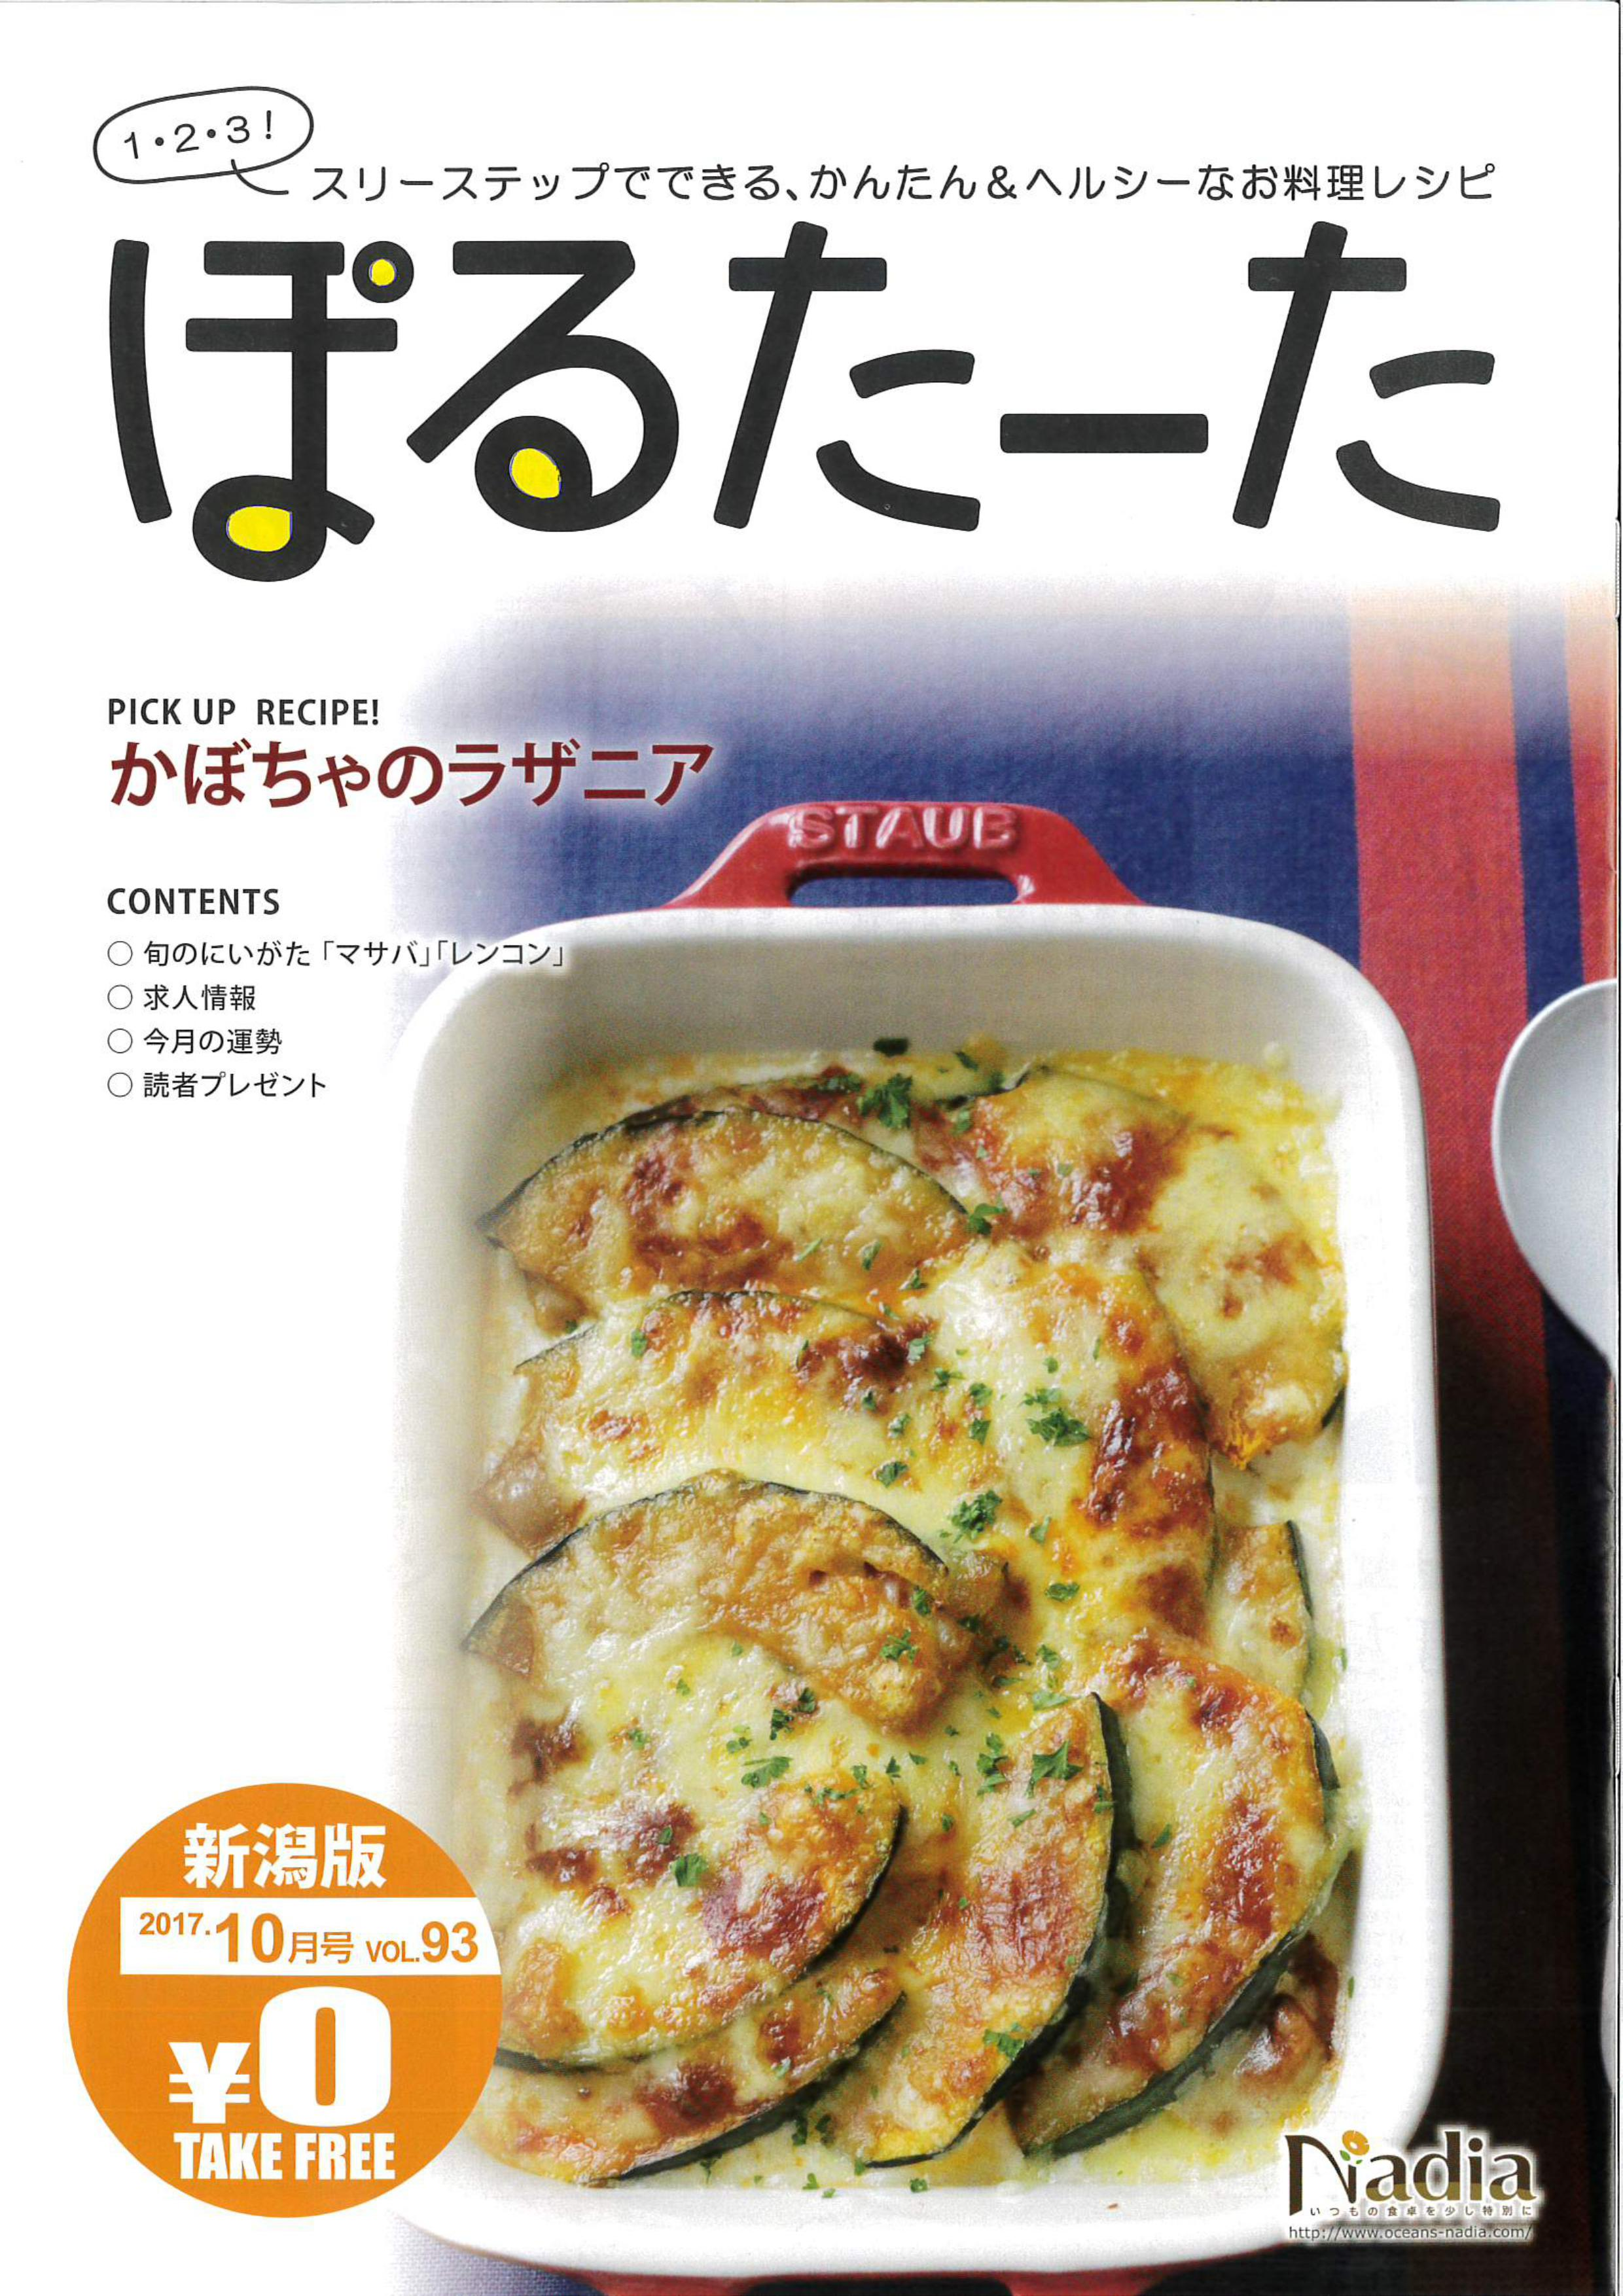 栁川かおり:フリーペーパー「ぽるたーたVOL.93(10月号)」にレシピが掲載されました